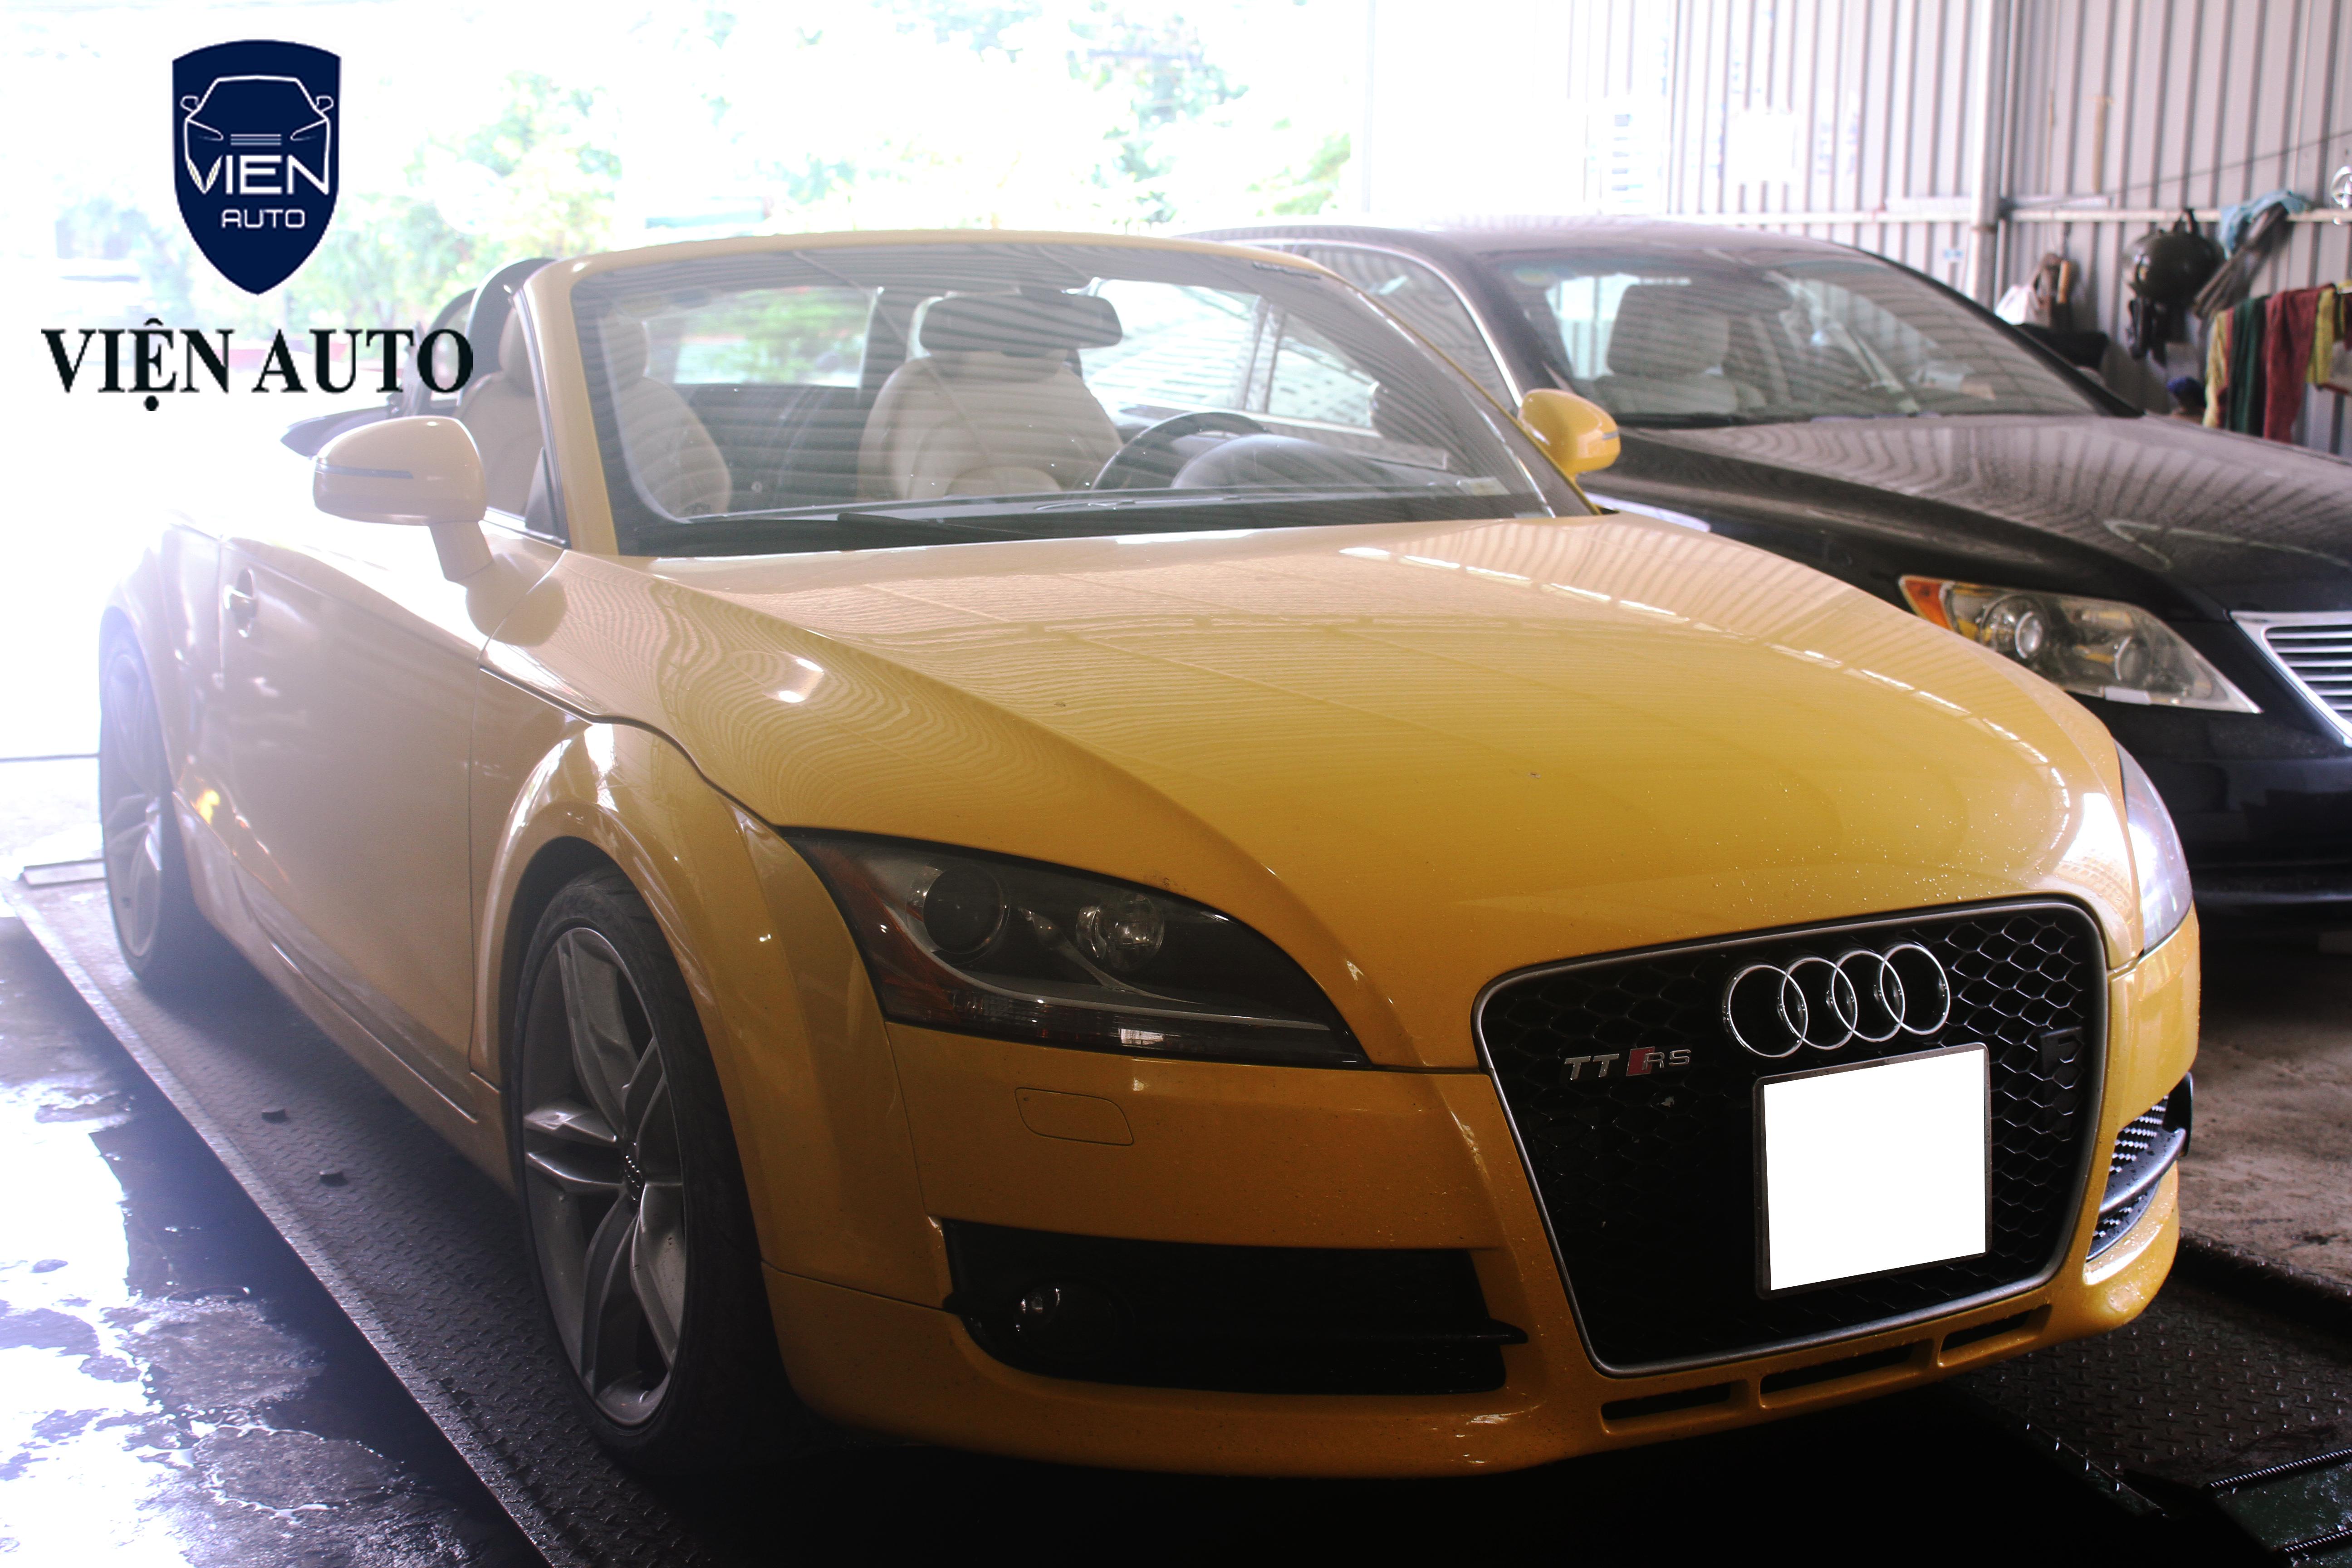 Viện Auto, trung tâm bảo hành và sửa chữa Audi uy tín